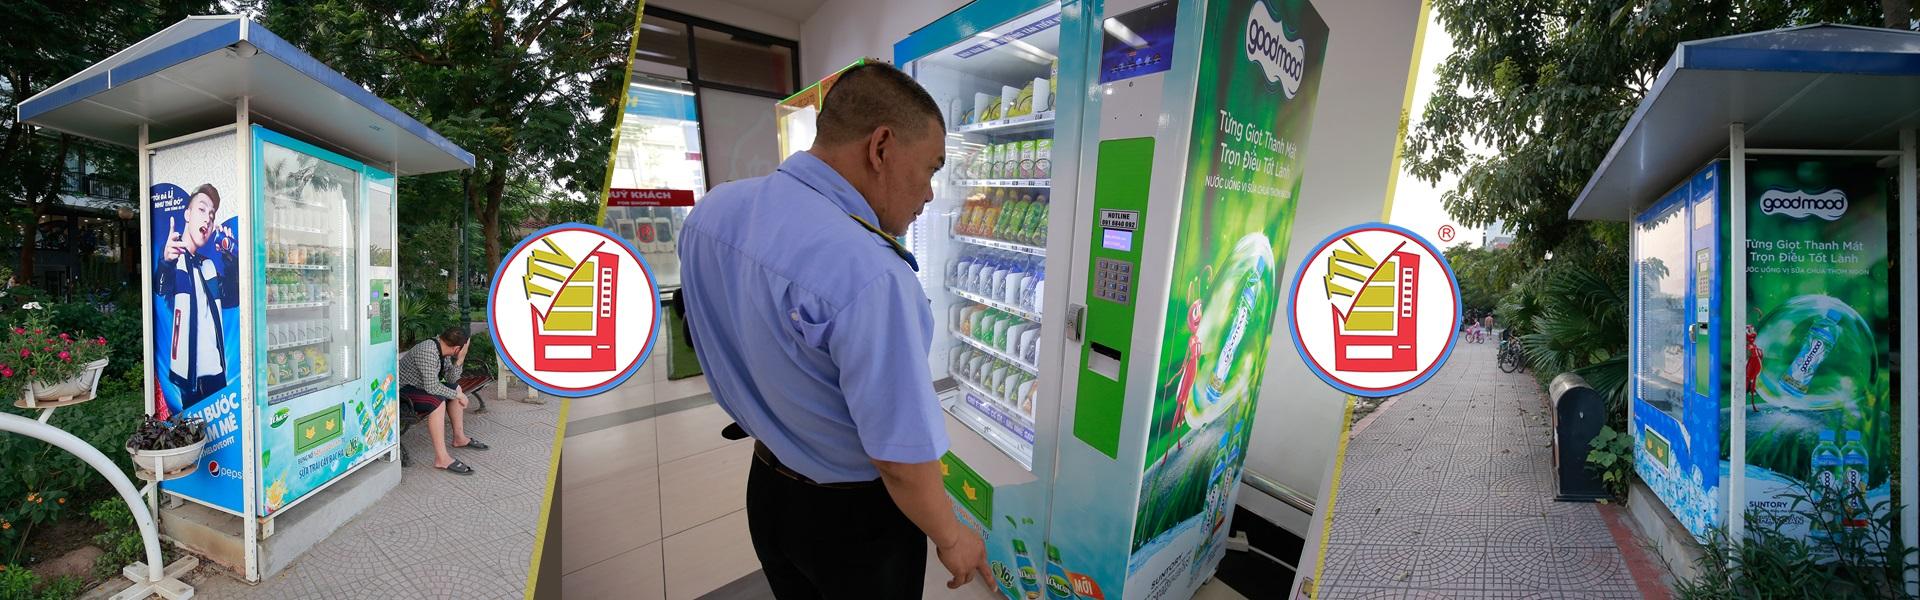 Máy bán hàng tự động Tân Tiến Việt